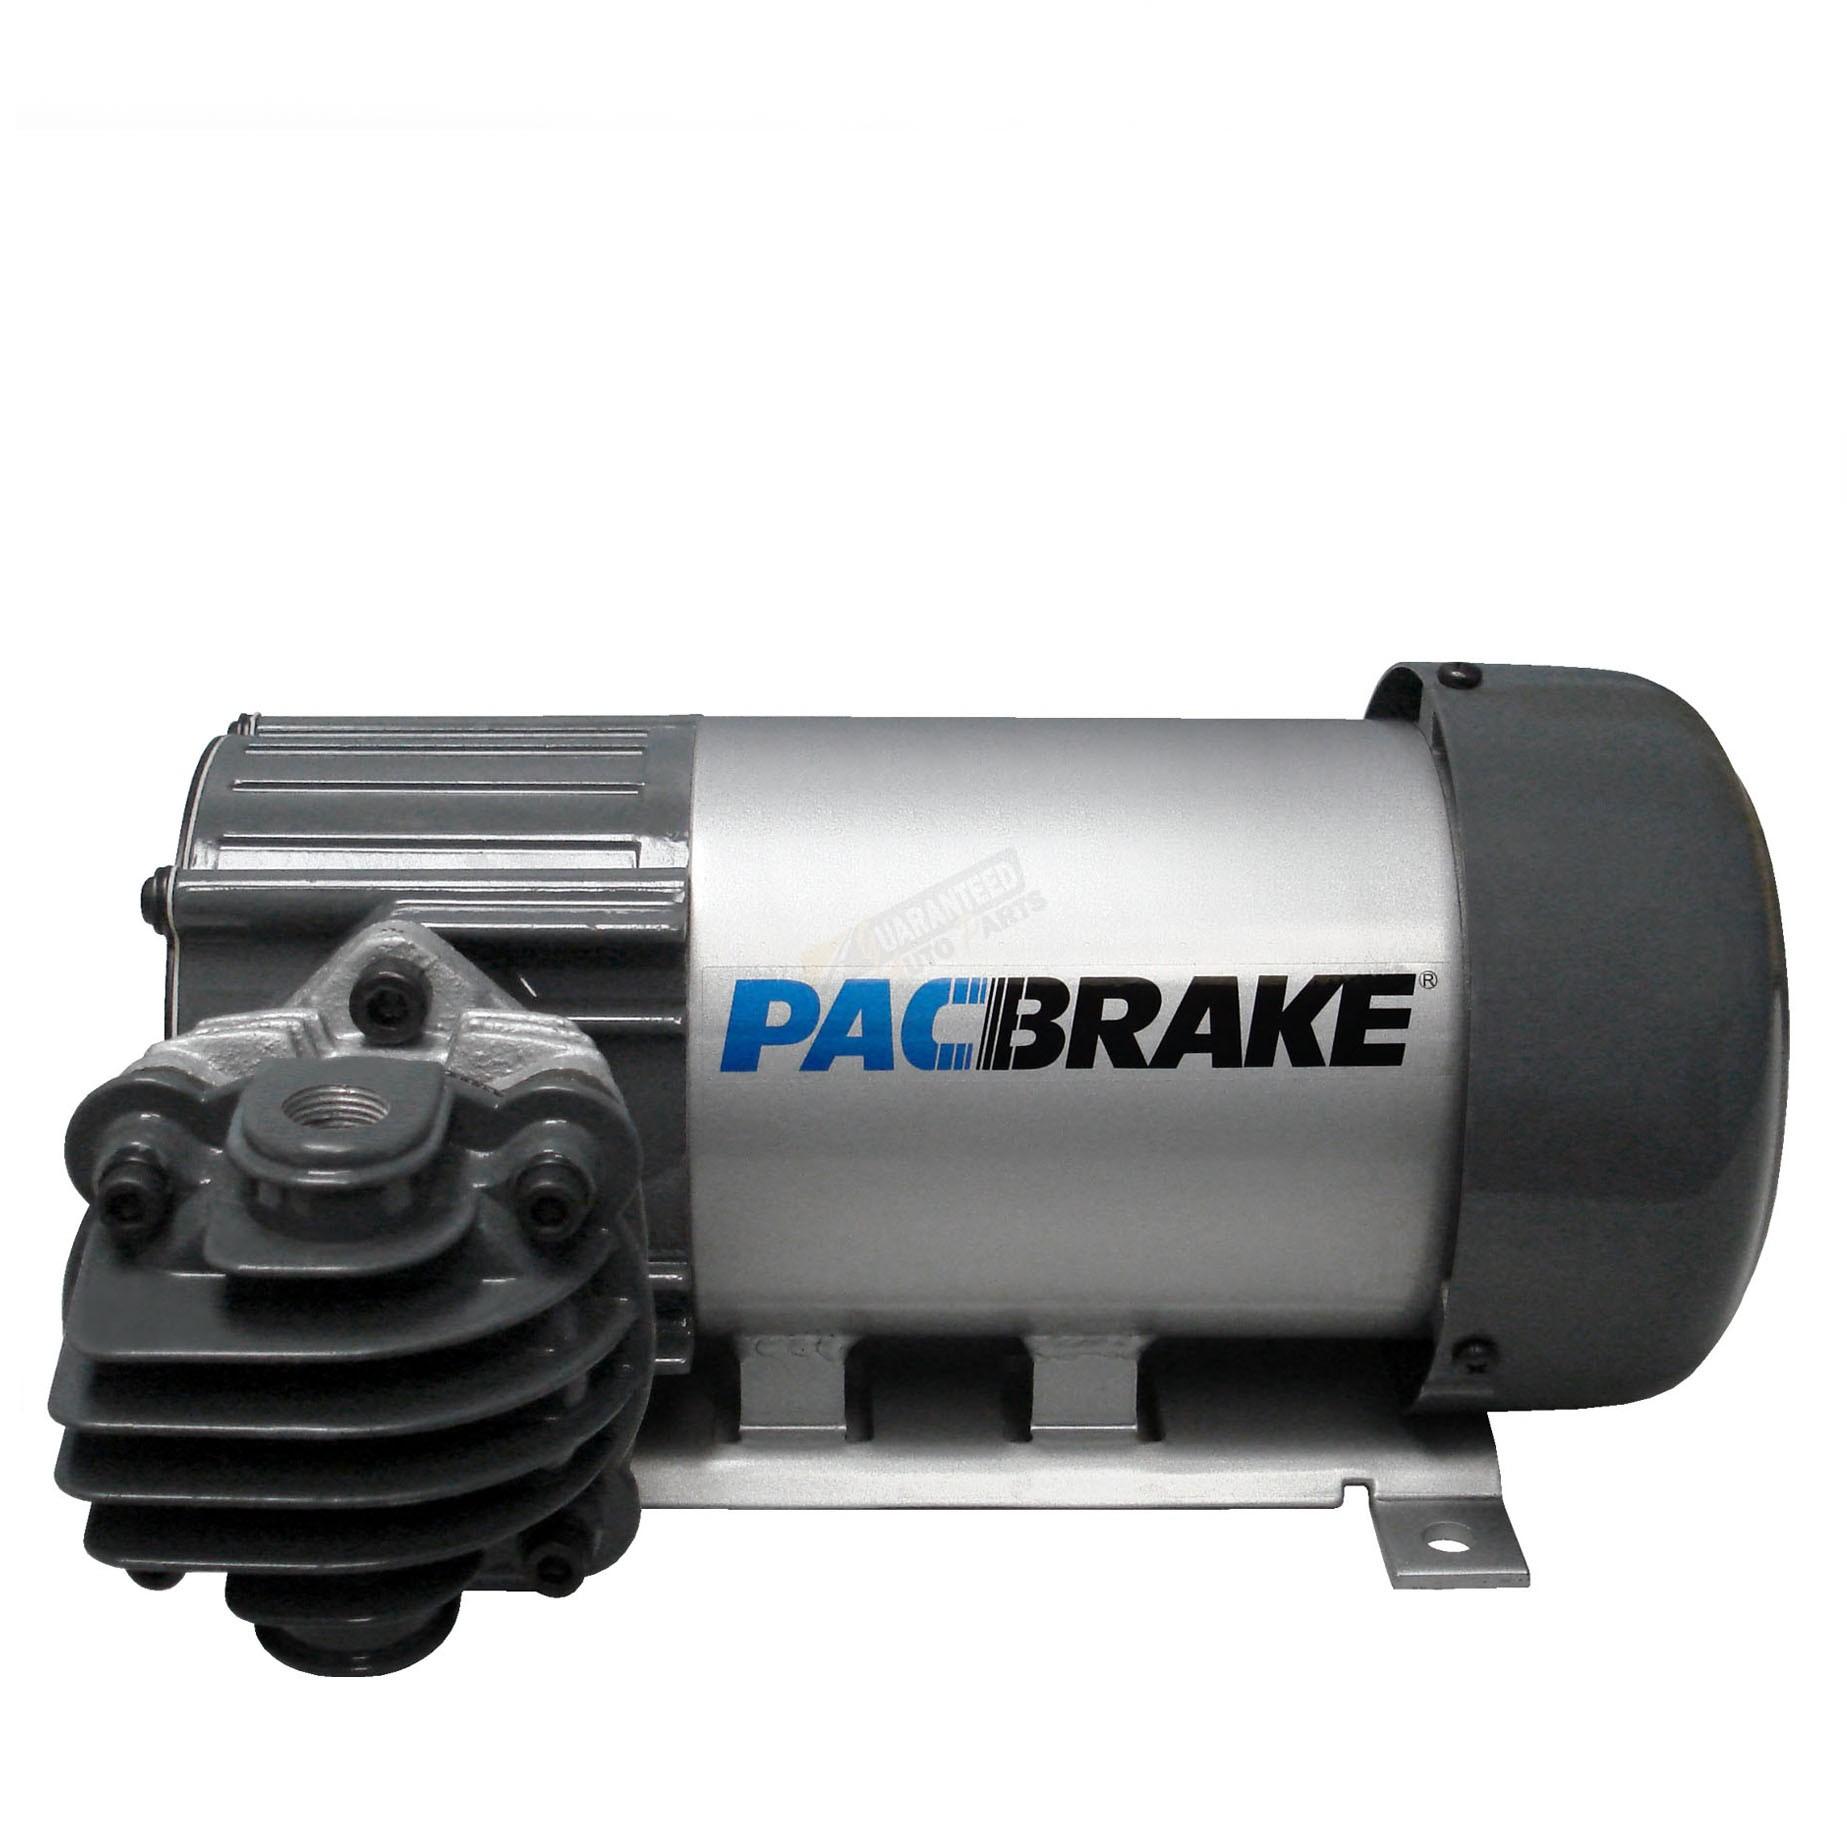 12 Volt Air Compressor Heavy Duty >> Pacbrake Hp625 Series Air Compressor Horizontal 12 Volt